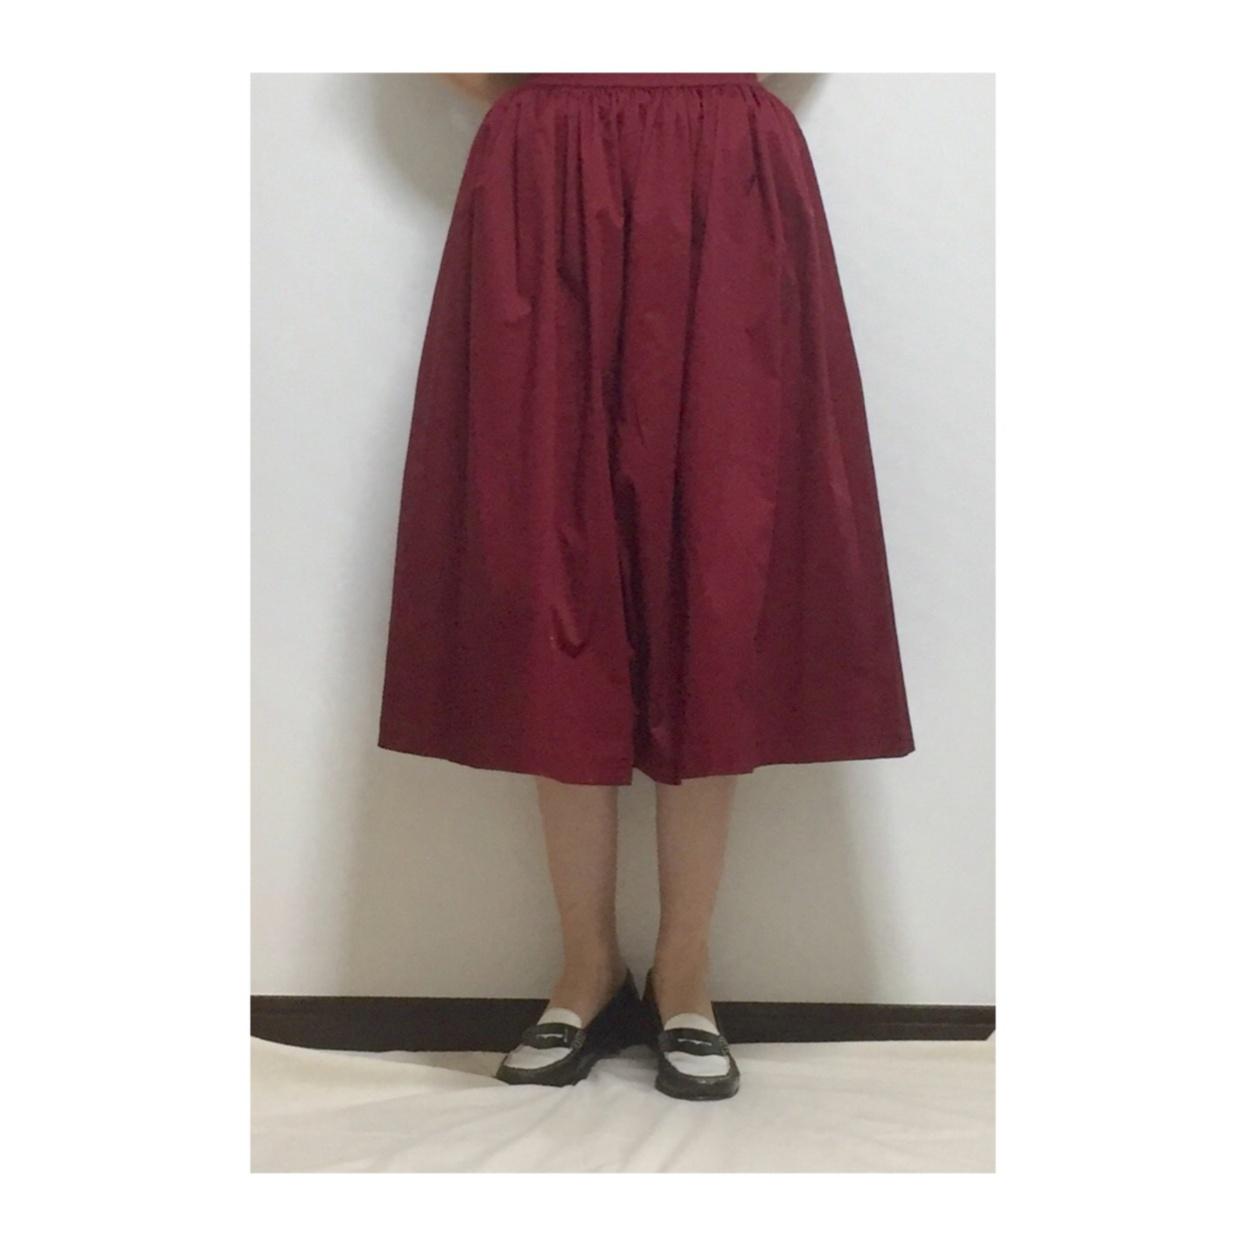 【この夏→秋もUNIQLOが熱い】シンプルなのに可愛い☆ボリュームスカート_2